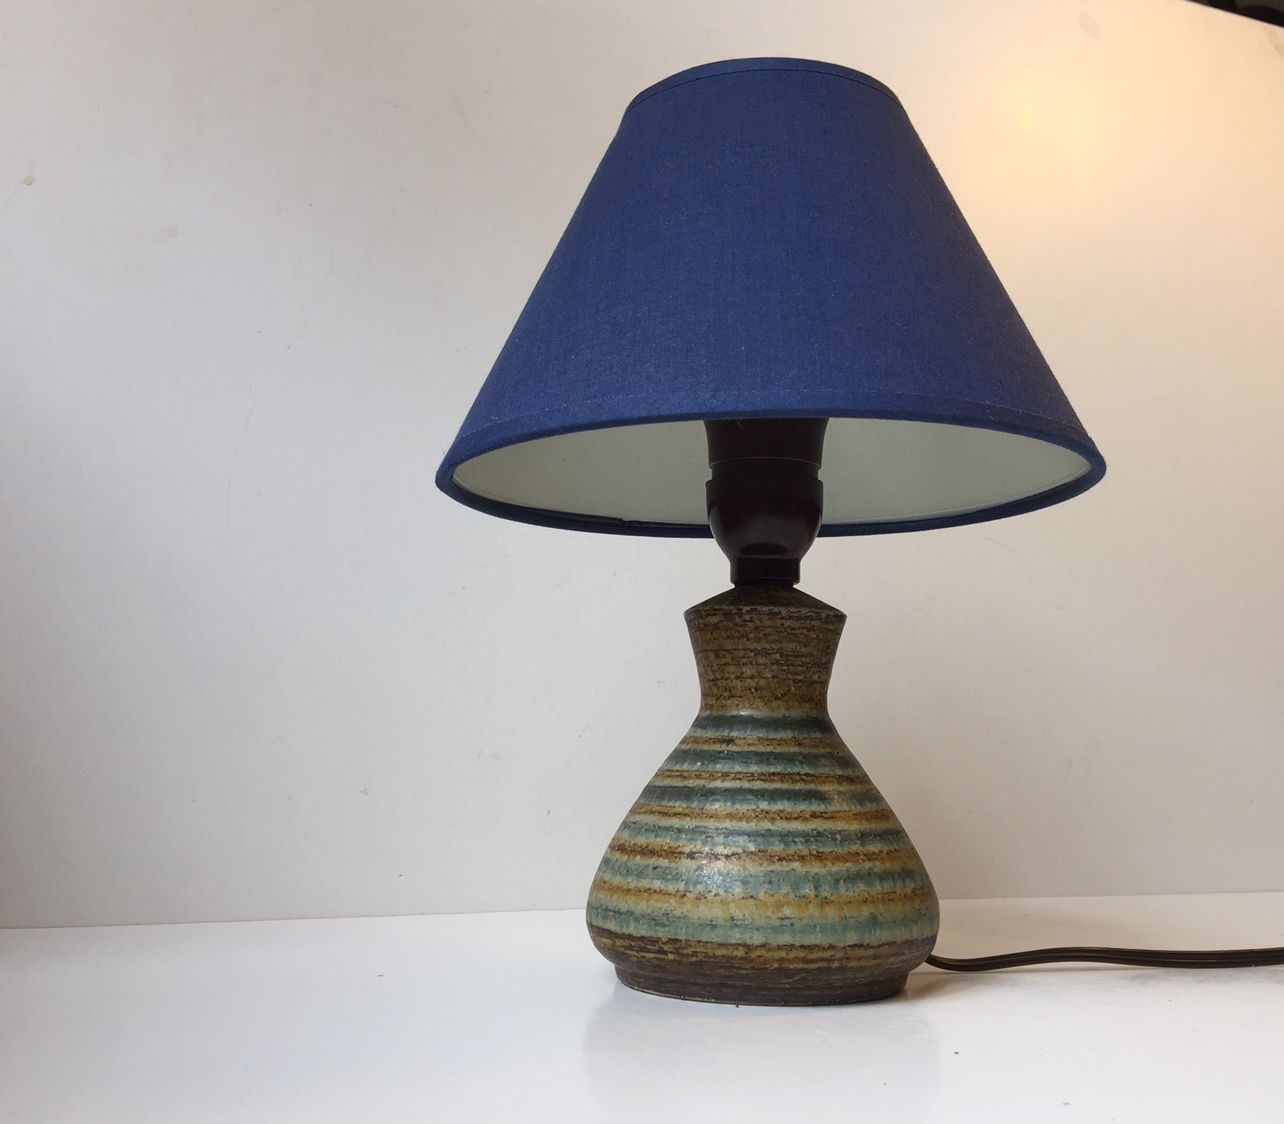 Dänische Tischlampe aus Keramik von Johannes Andersen, 1960er